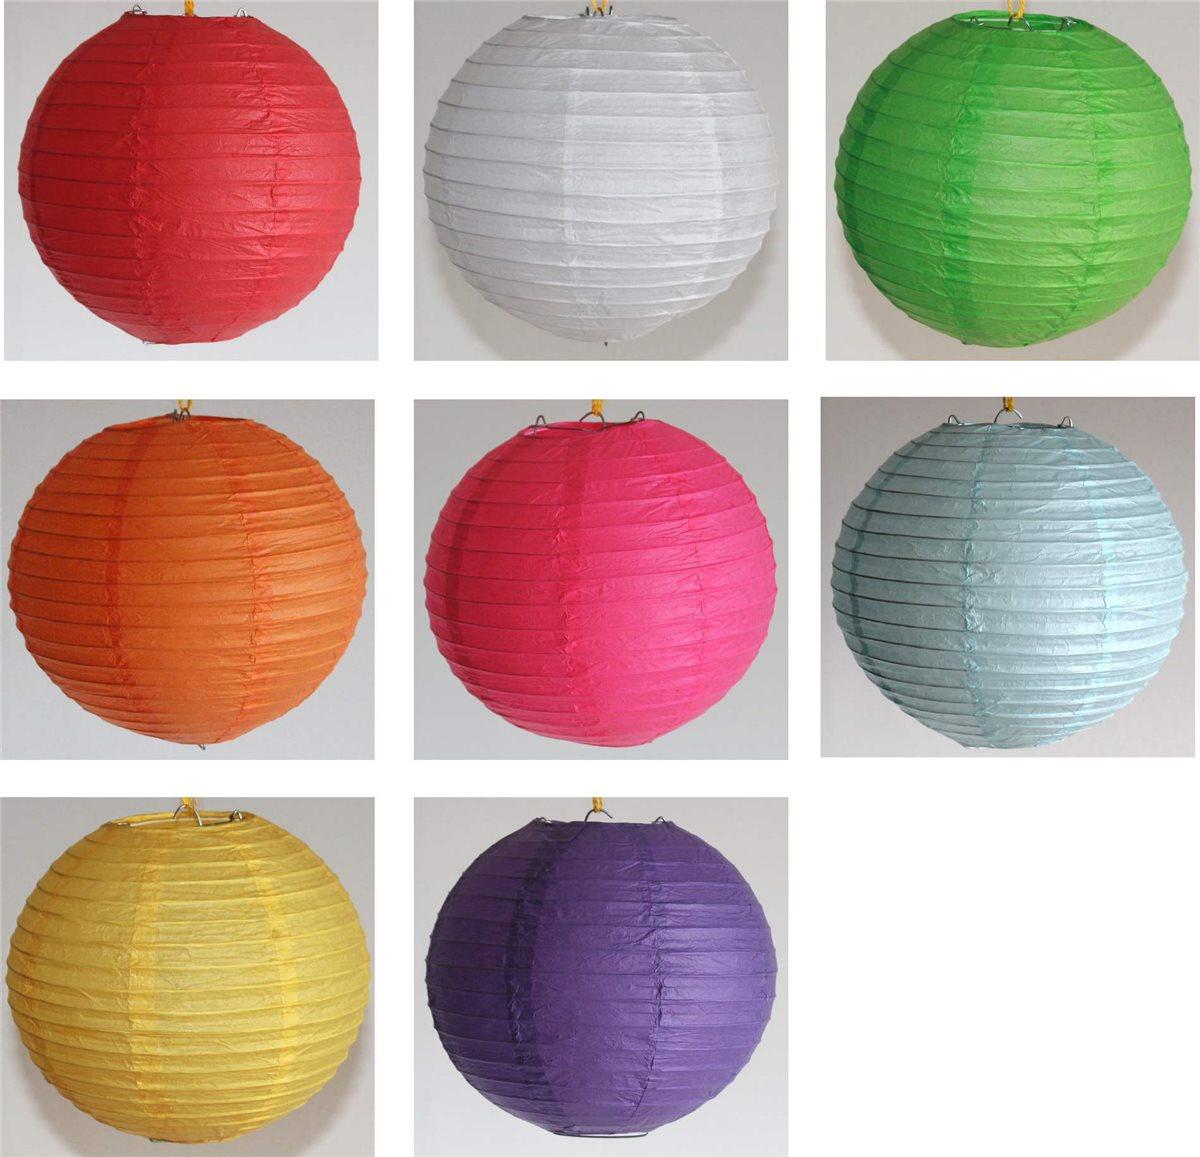 Uberlegen Lampion Papier Rund Ca.30 Cm Ø China Lampe Laterne 8 Farben